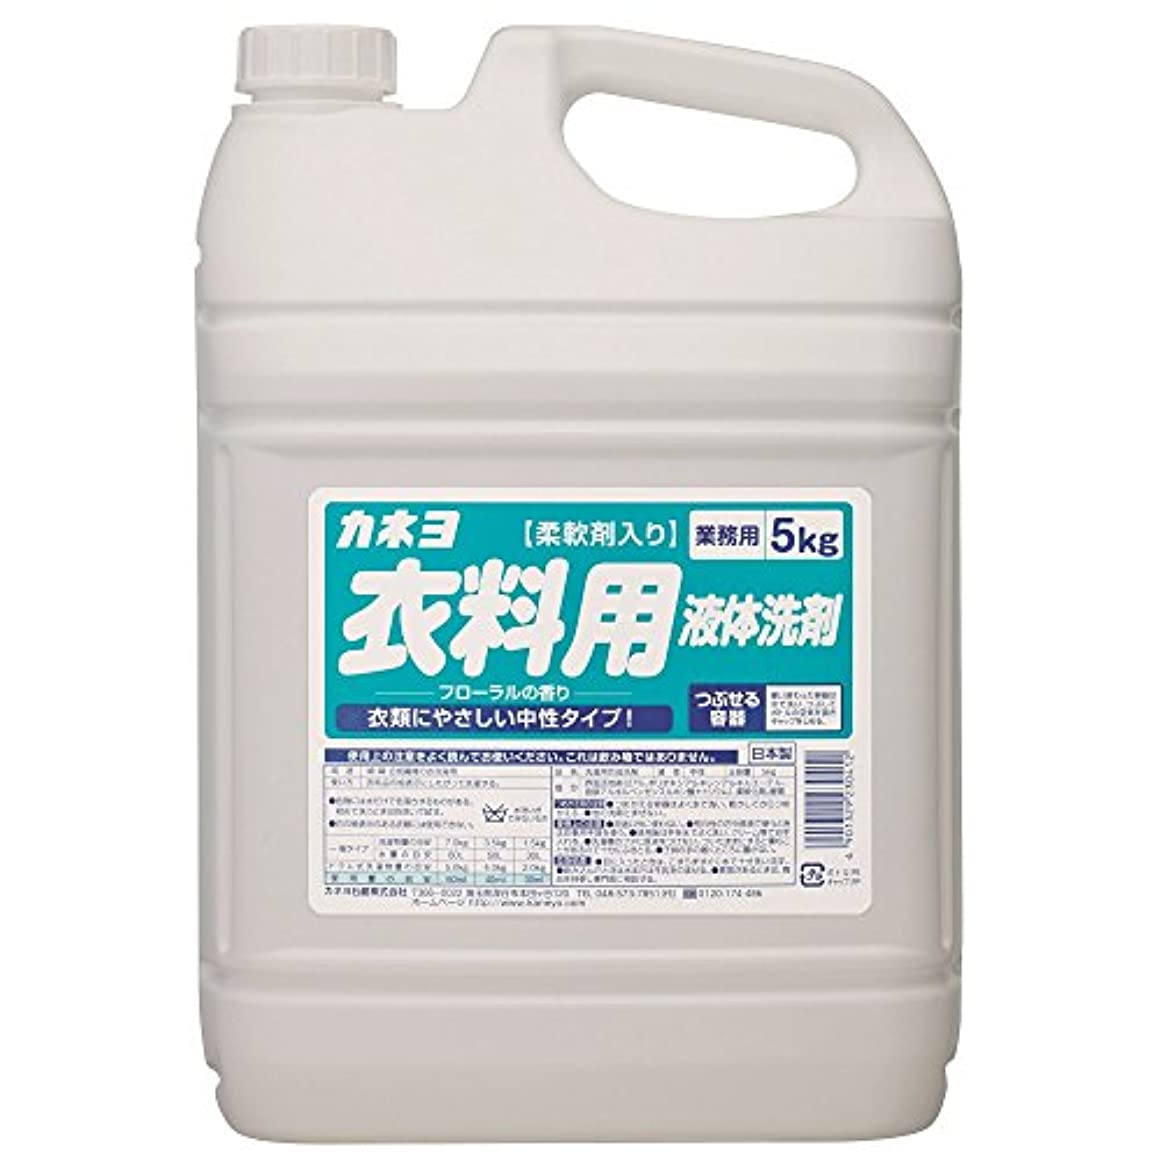 スチュワード冗談でインストール【大容量】 カネヨ石鹸 柔軟剤入り衣料用洗剤 液体 業務用 フローラルの香り 5kg